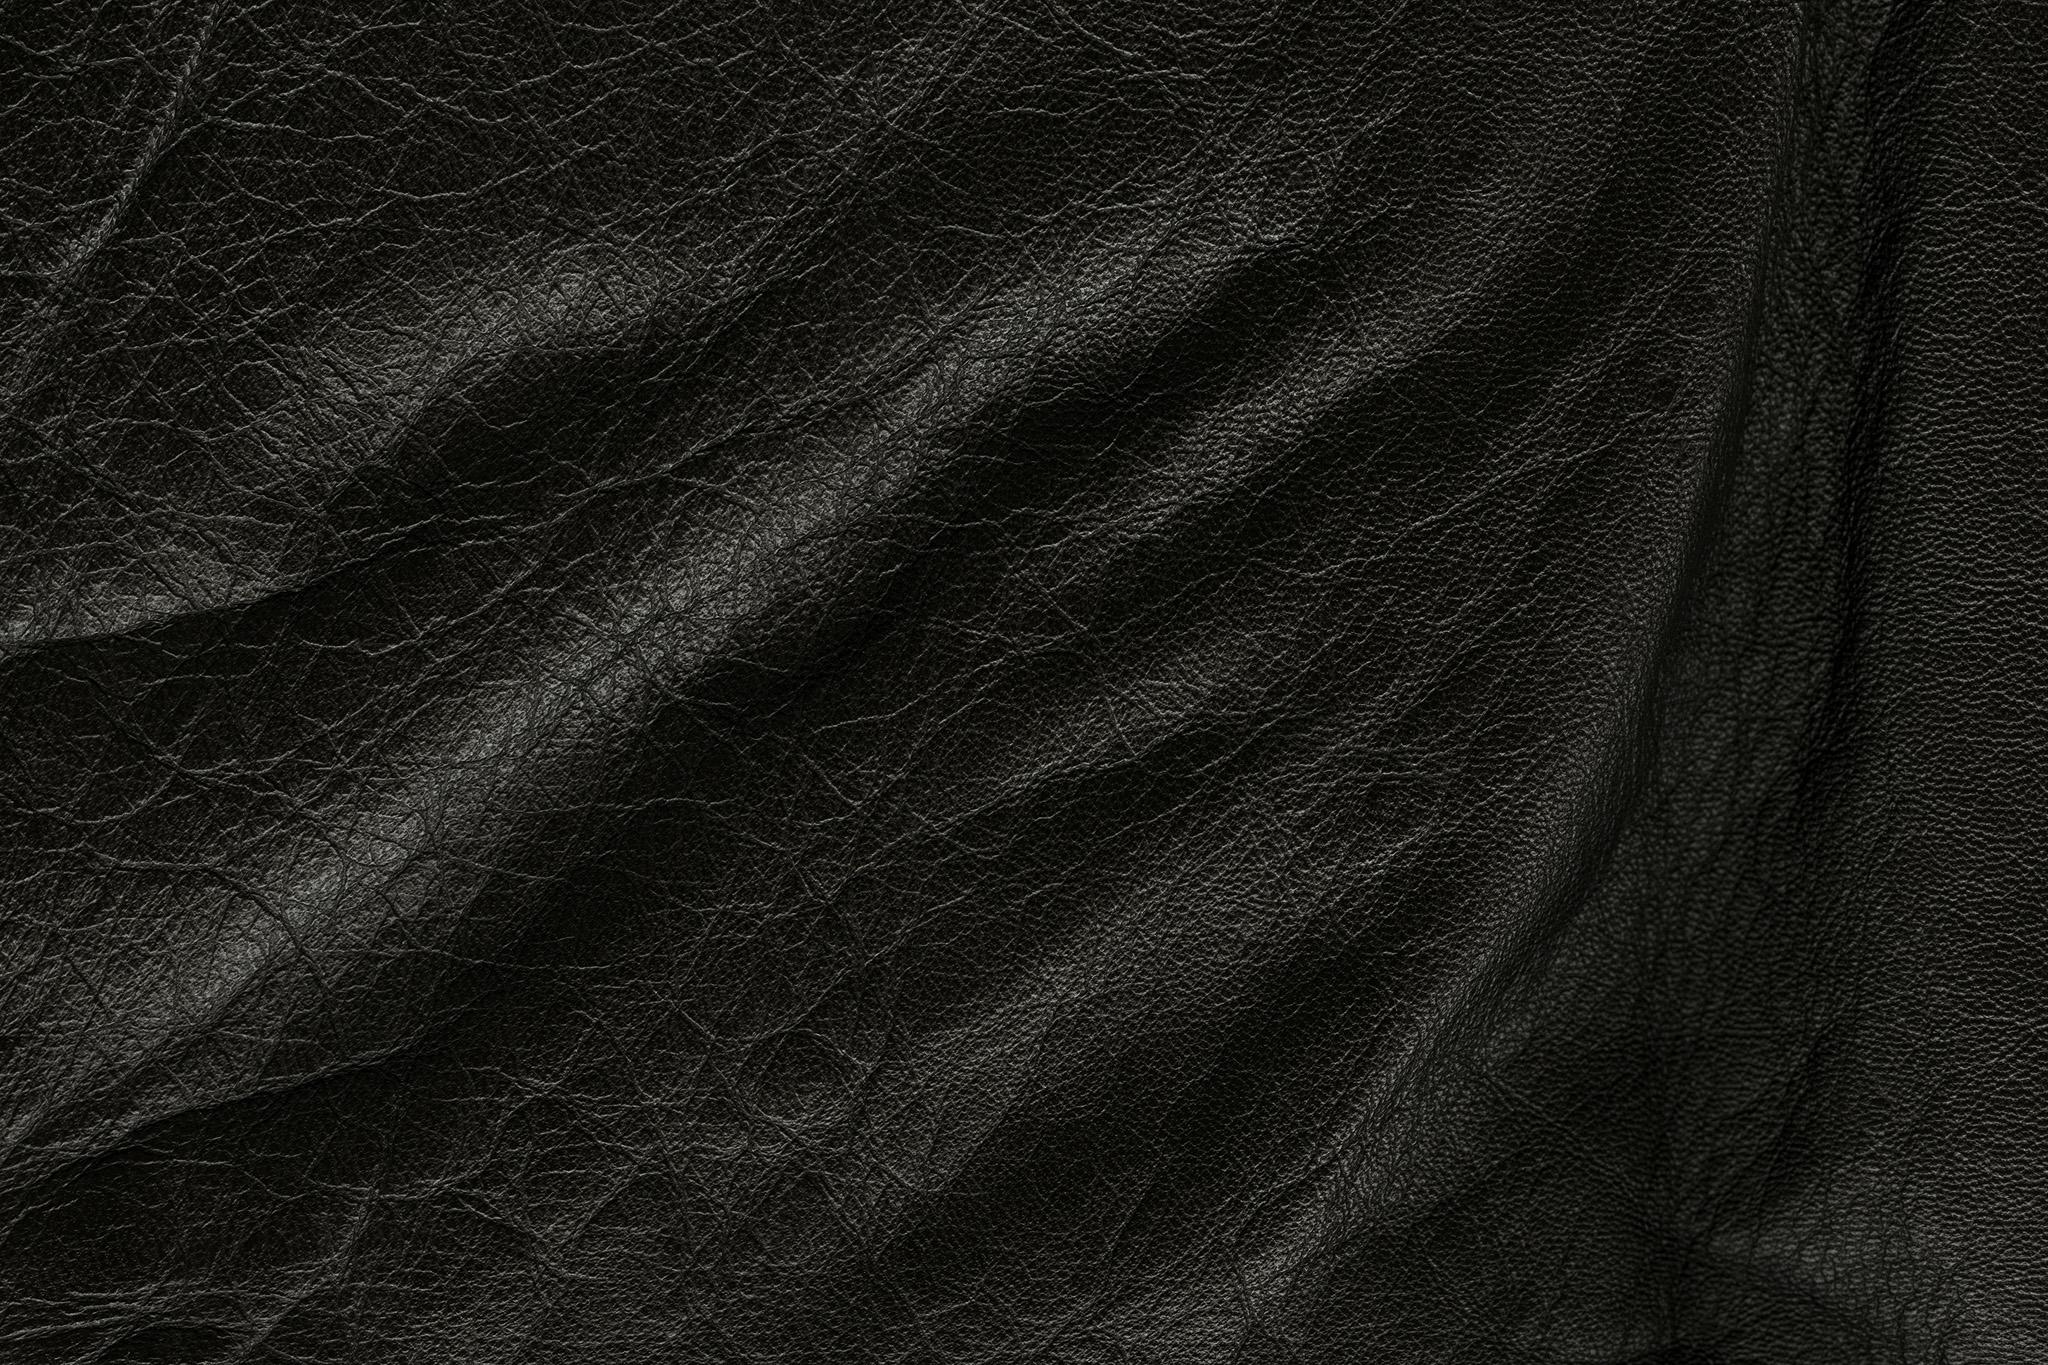 「ドレープの様なたるみのある皮の素材」の素材を無料ダウンロード